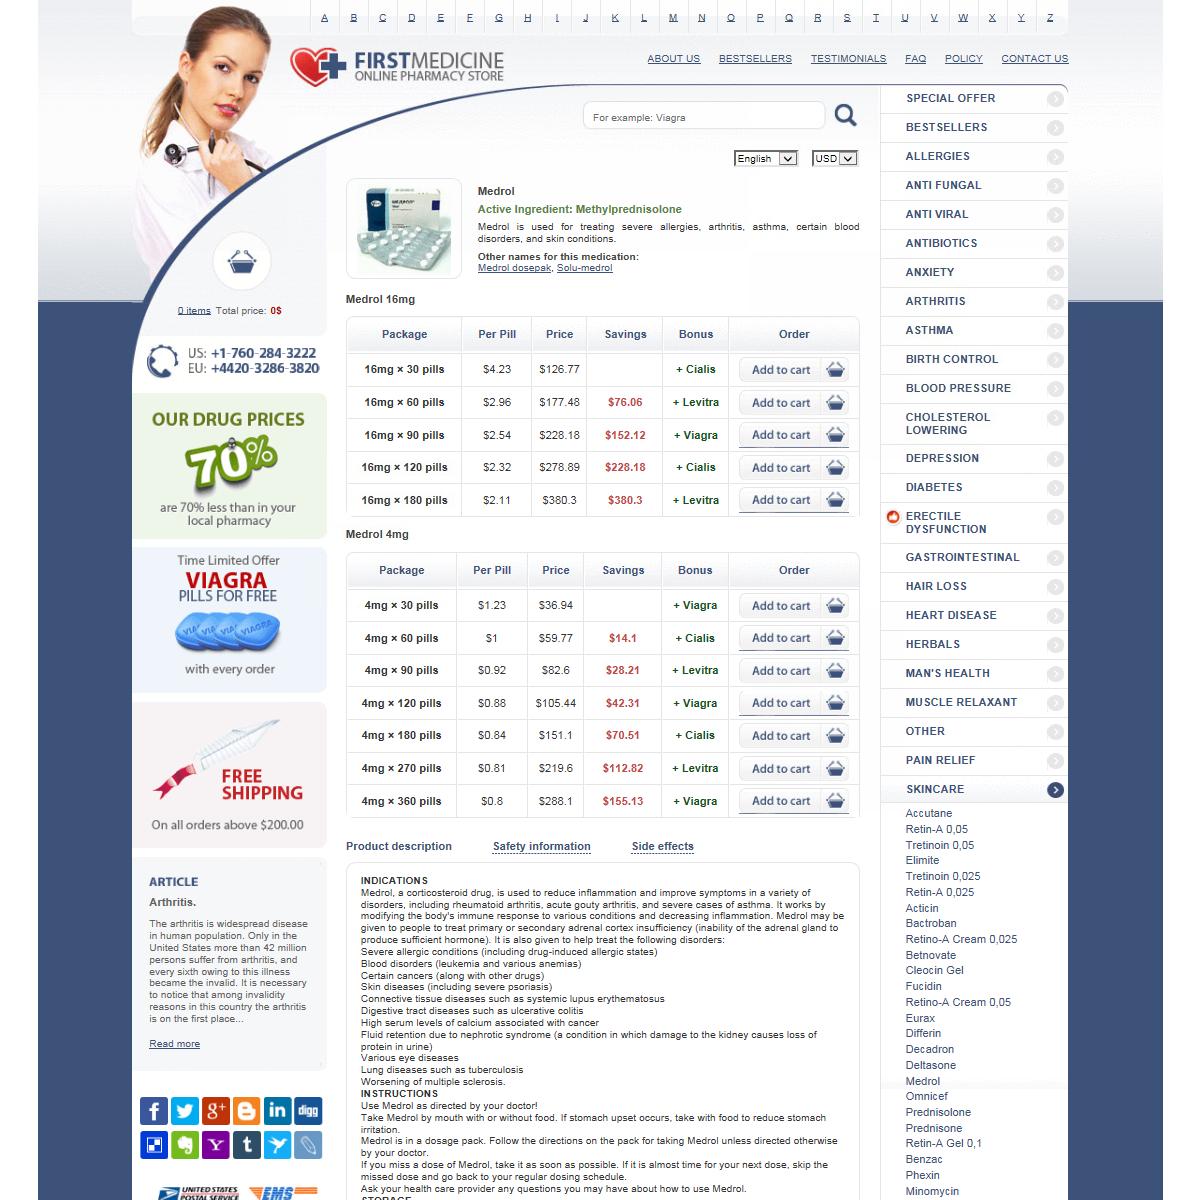 Buy Medrol Online - 8 - 16 Mg Tablets